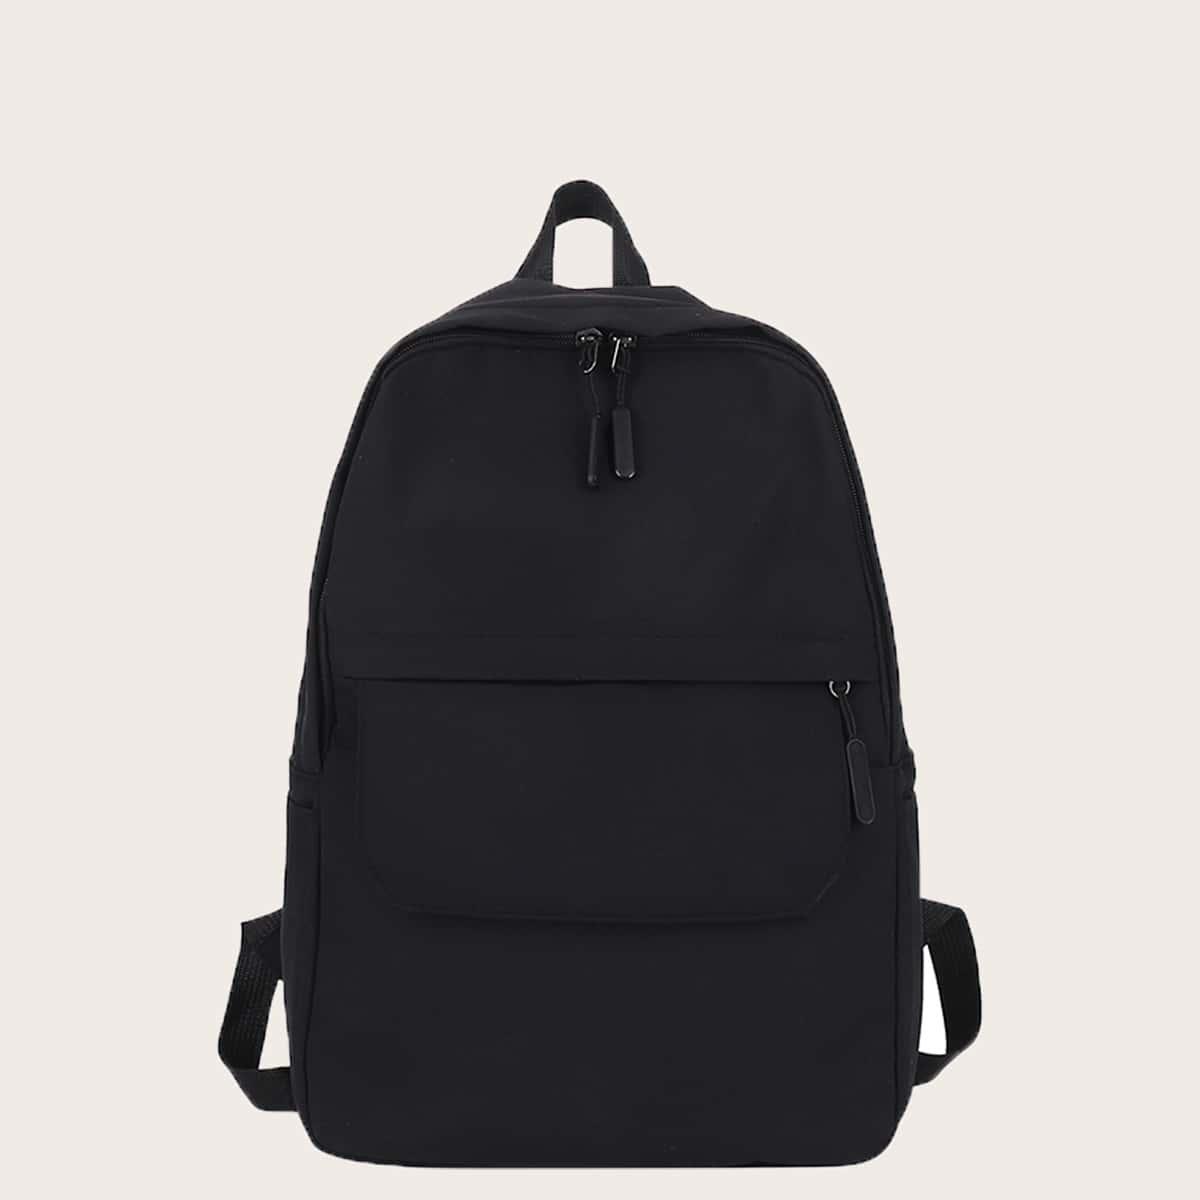 Минималистичный рюкзак большой емкости для мальчиков SheIn sk2108038328186041